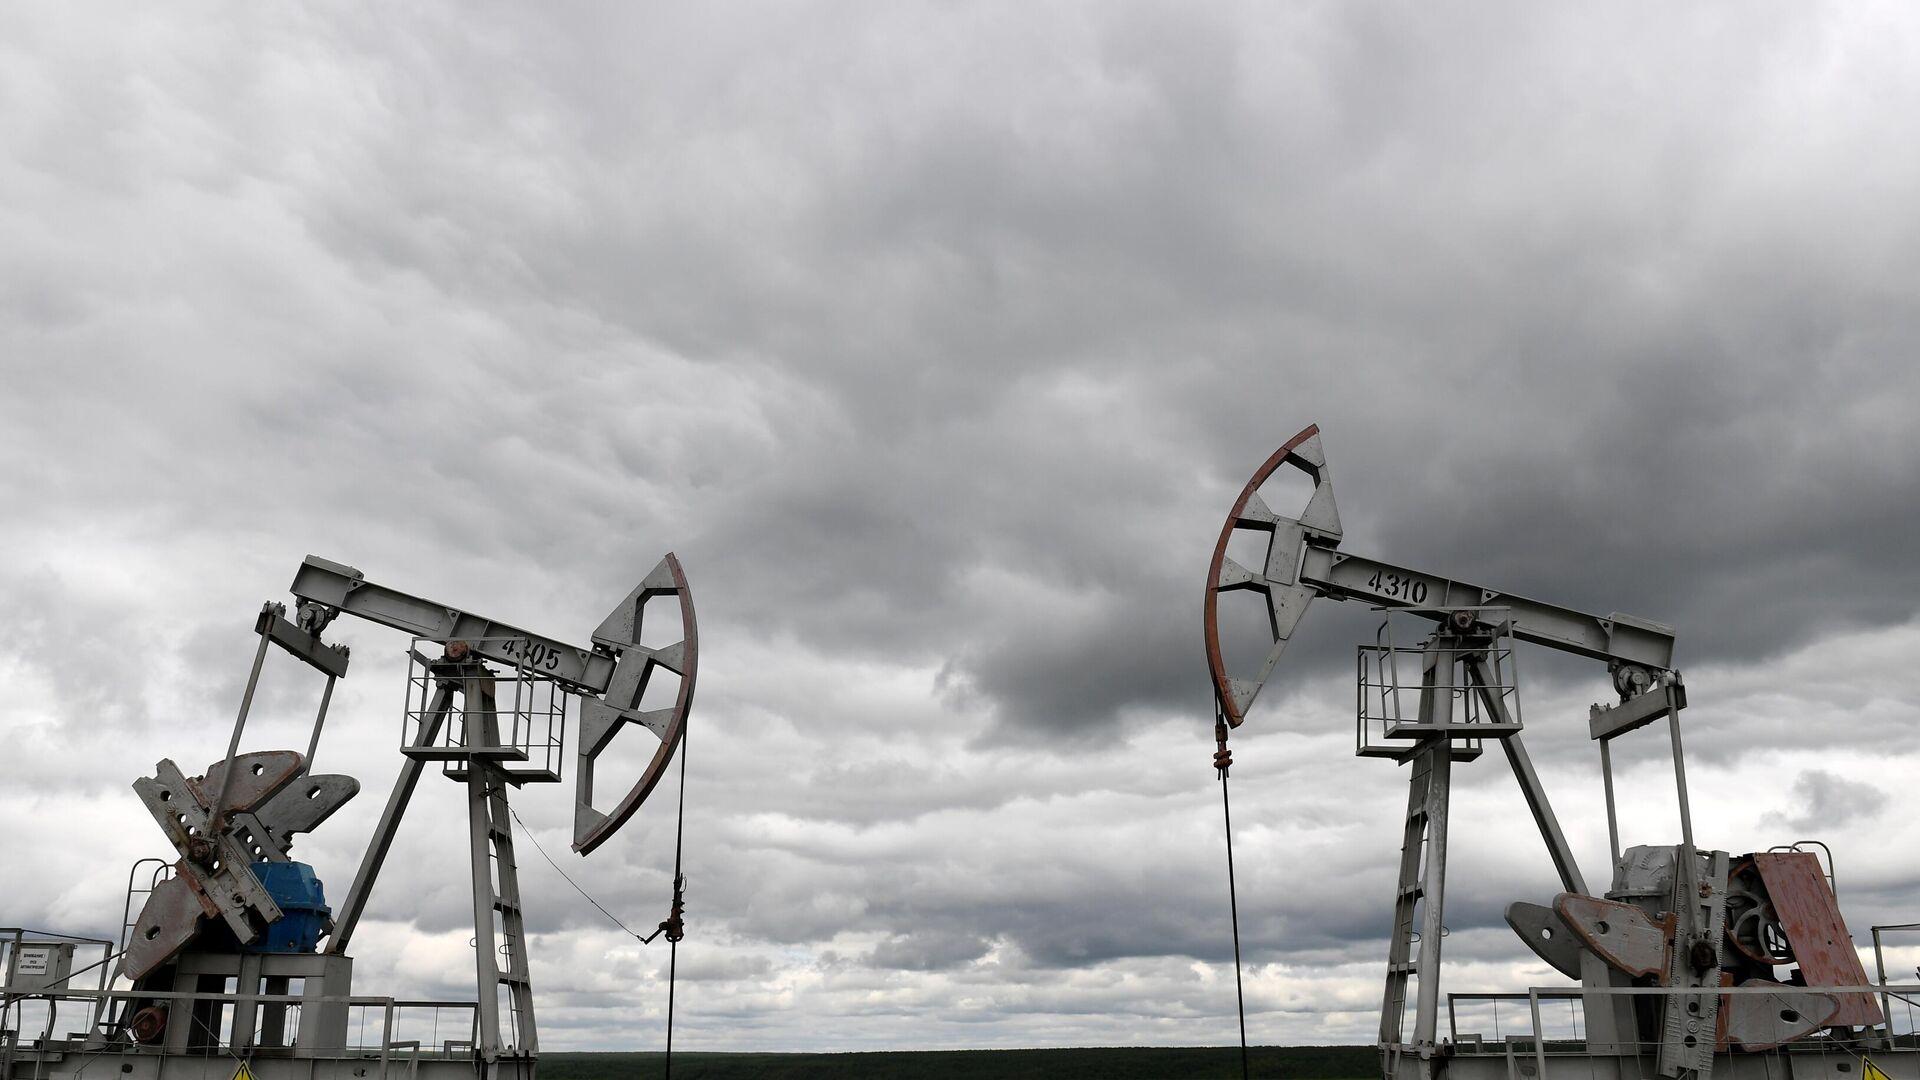 Нефтяные станки-качалки компании Татнефть  - РИА Новости, 1920, 18.07.2021